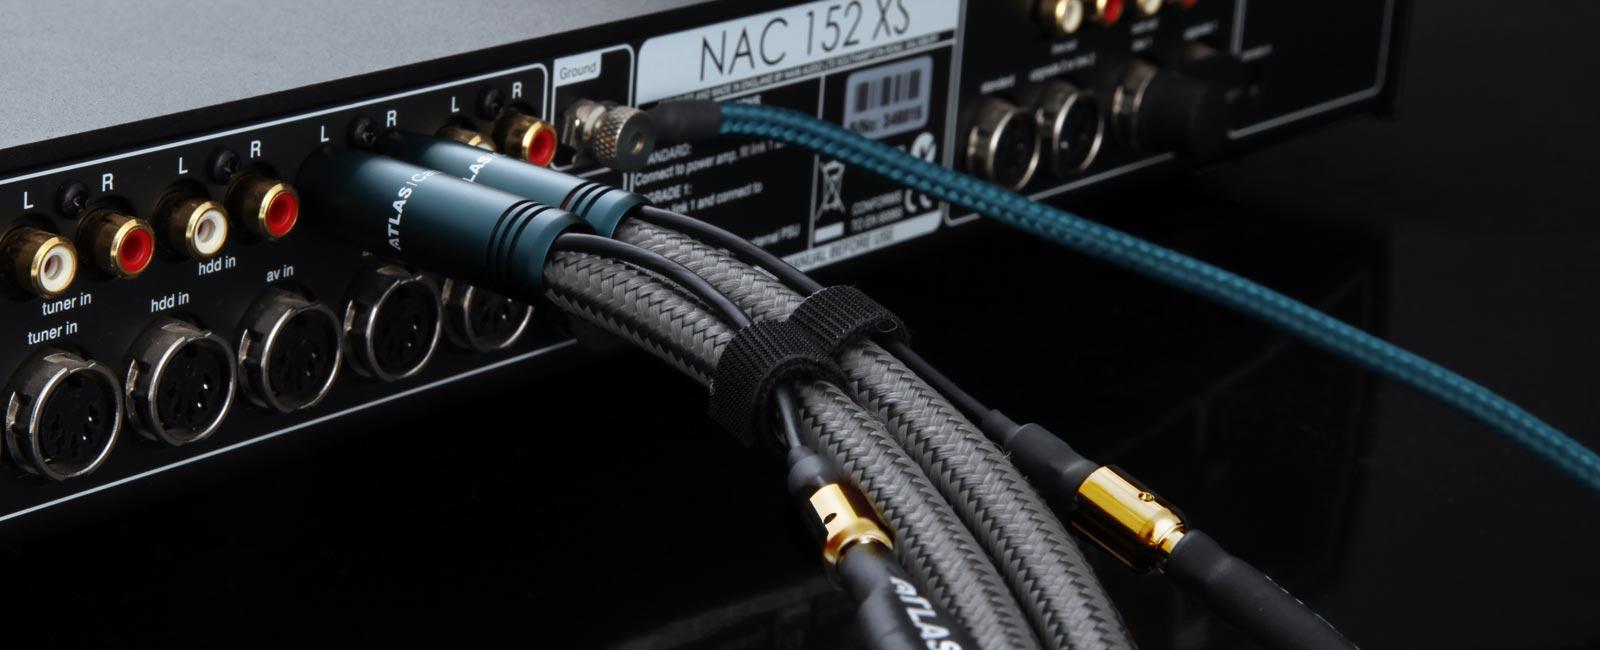 Atlas Mavros with Grun adapters